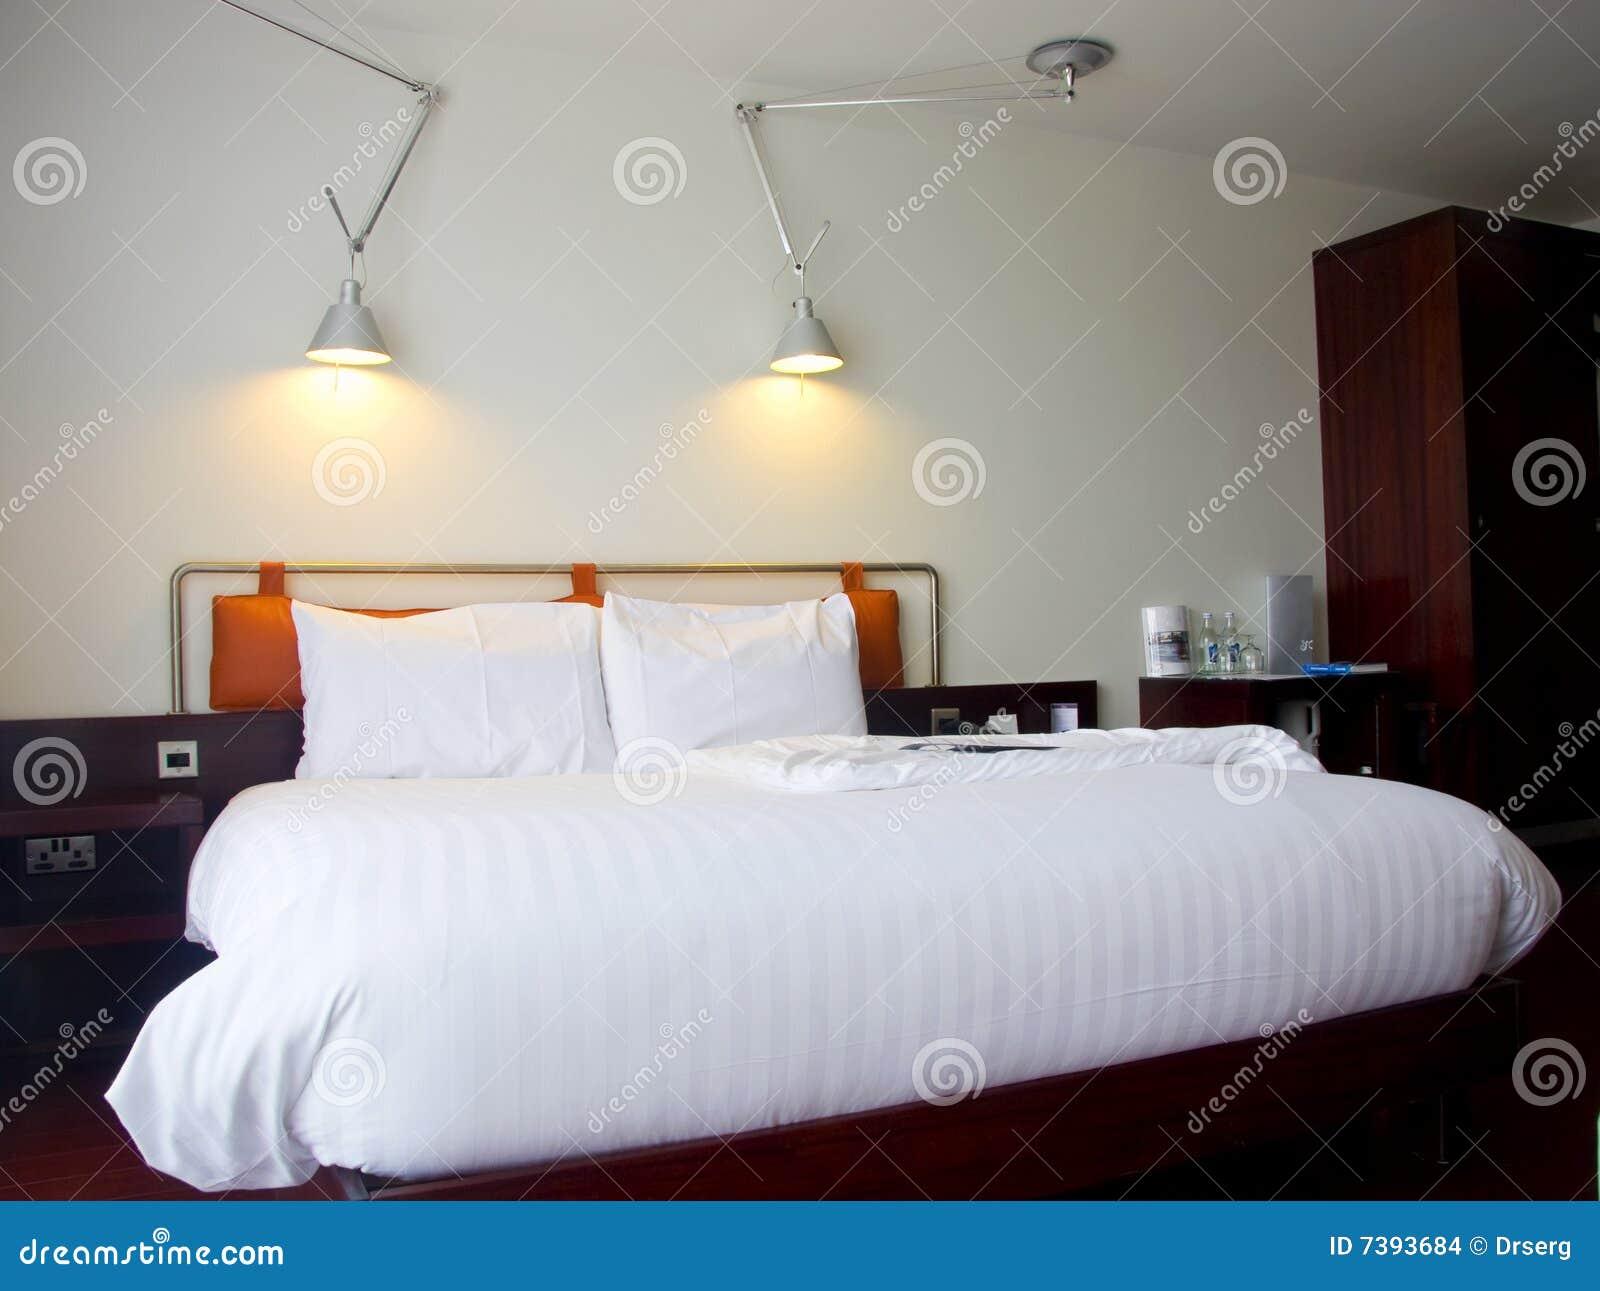 Modernes king size bett mit lampen stockbilder bild 7393684 for Lampen 4 you